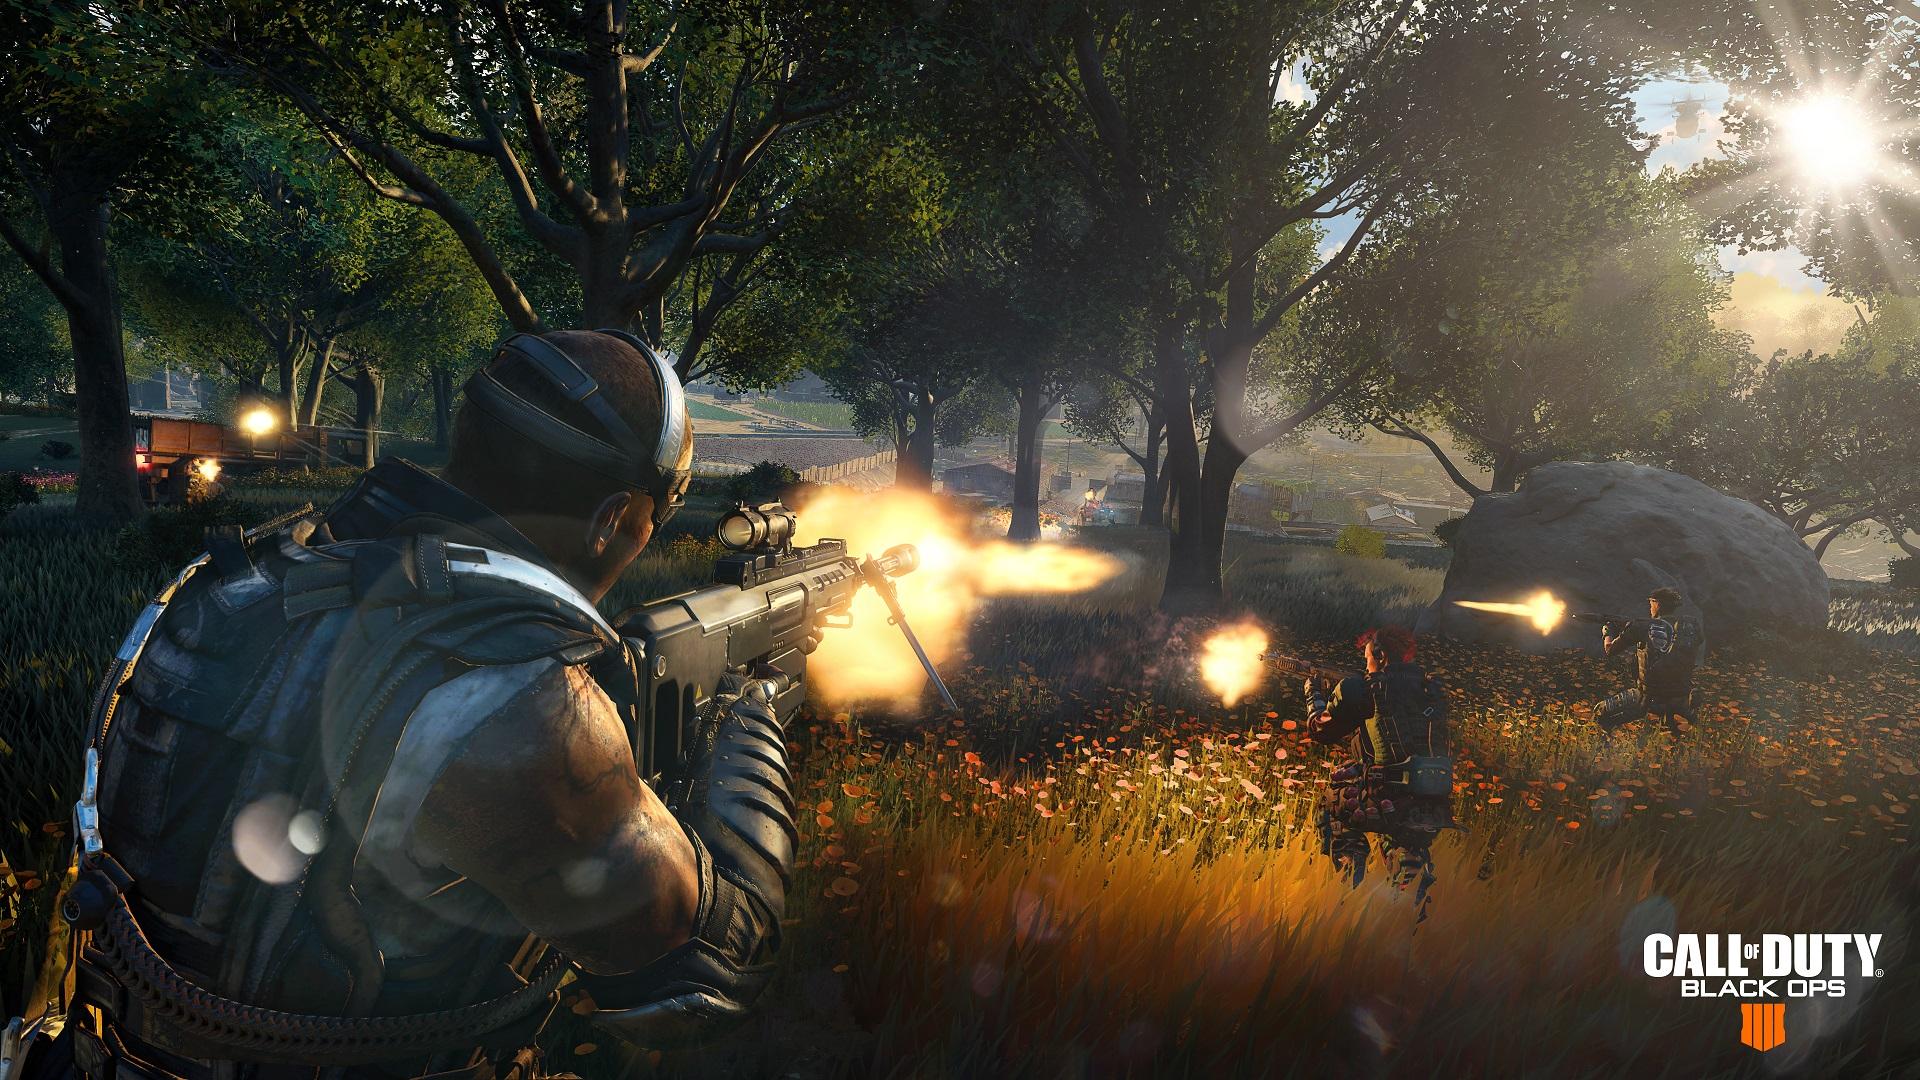 Battle Royale har kommet til Call of Duty på en ganske så stødig måte, selv om det selvsagt er noen stygge feil de første ukene.